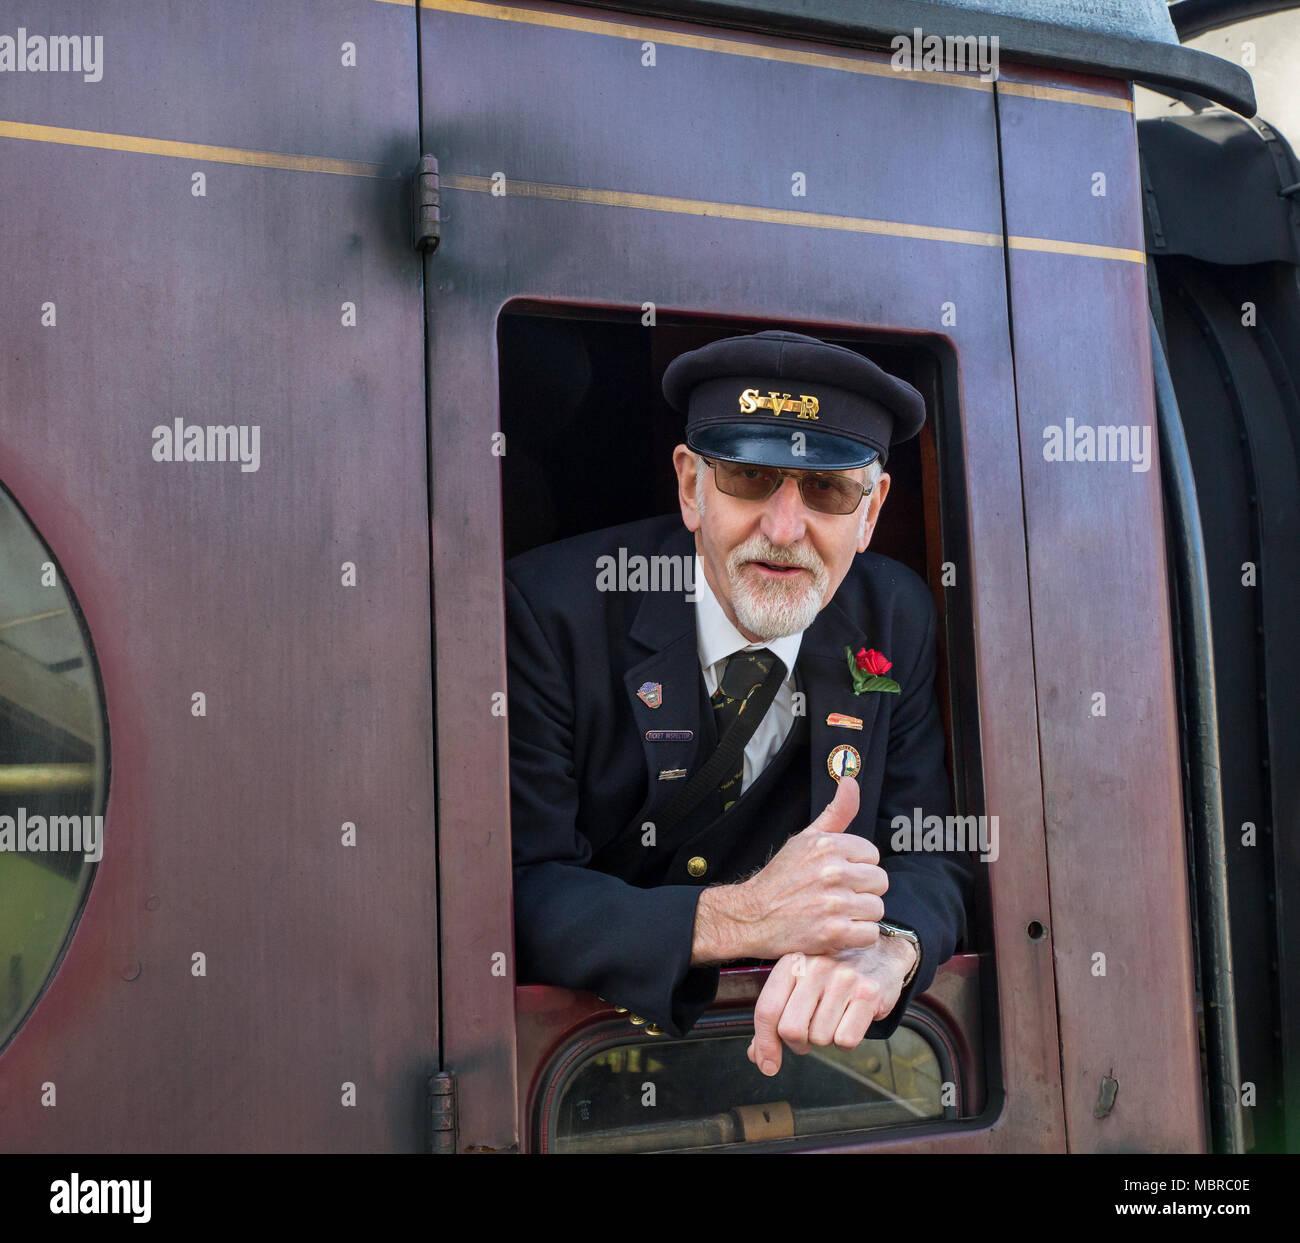 """In der Nähe von Jolly SVR Guard, in offiziellen Kappe, erfasst als er aus dem vorbeifahrenden Wagen geben eine glückliche """"Daumen hoch"""" balanciert Plattform Fotograf lehnt. Stockbild"""